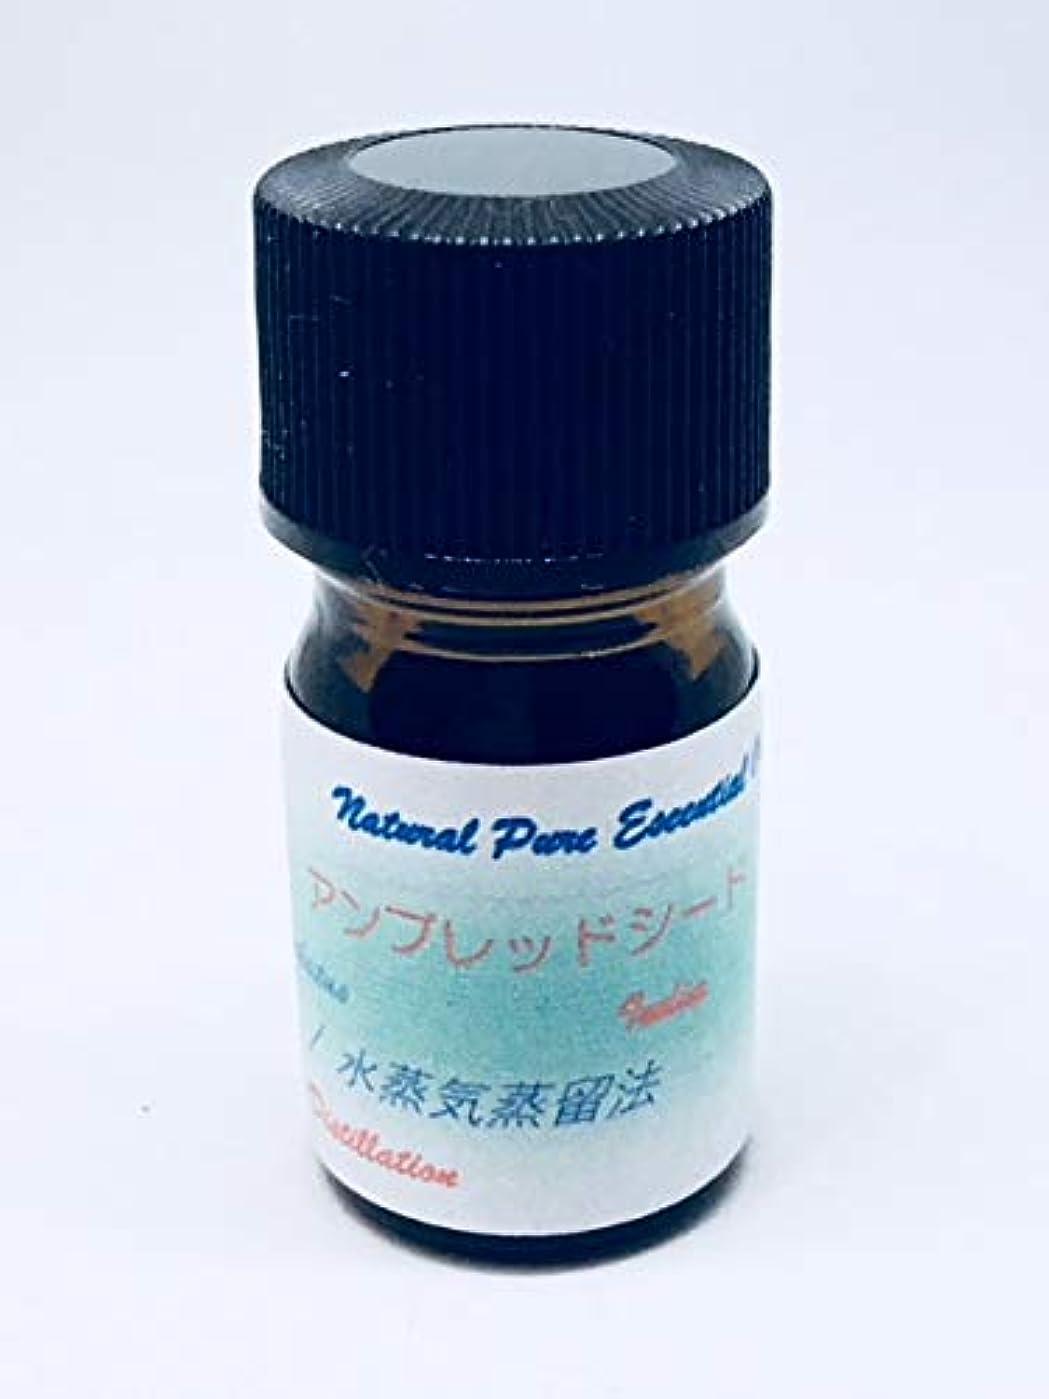 距離データムアストロラーベアンブレッドシード(植物性ムスク)精油 10ml100%ピュアエッセンシャル